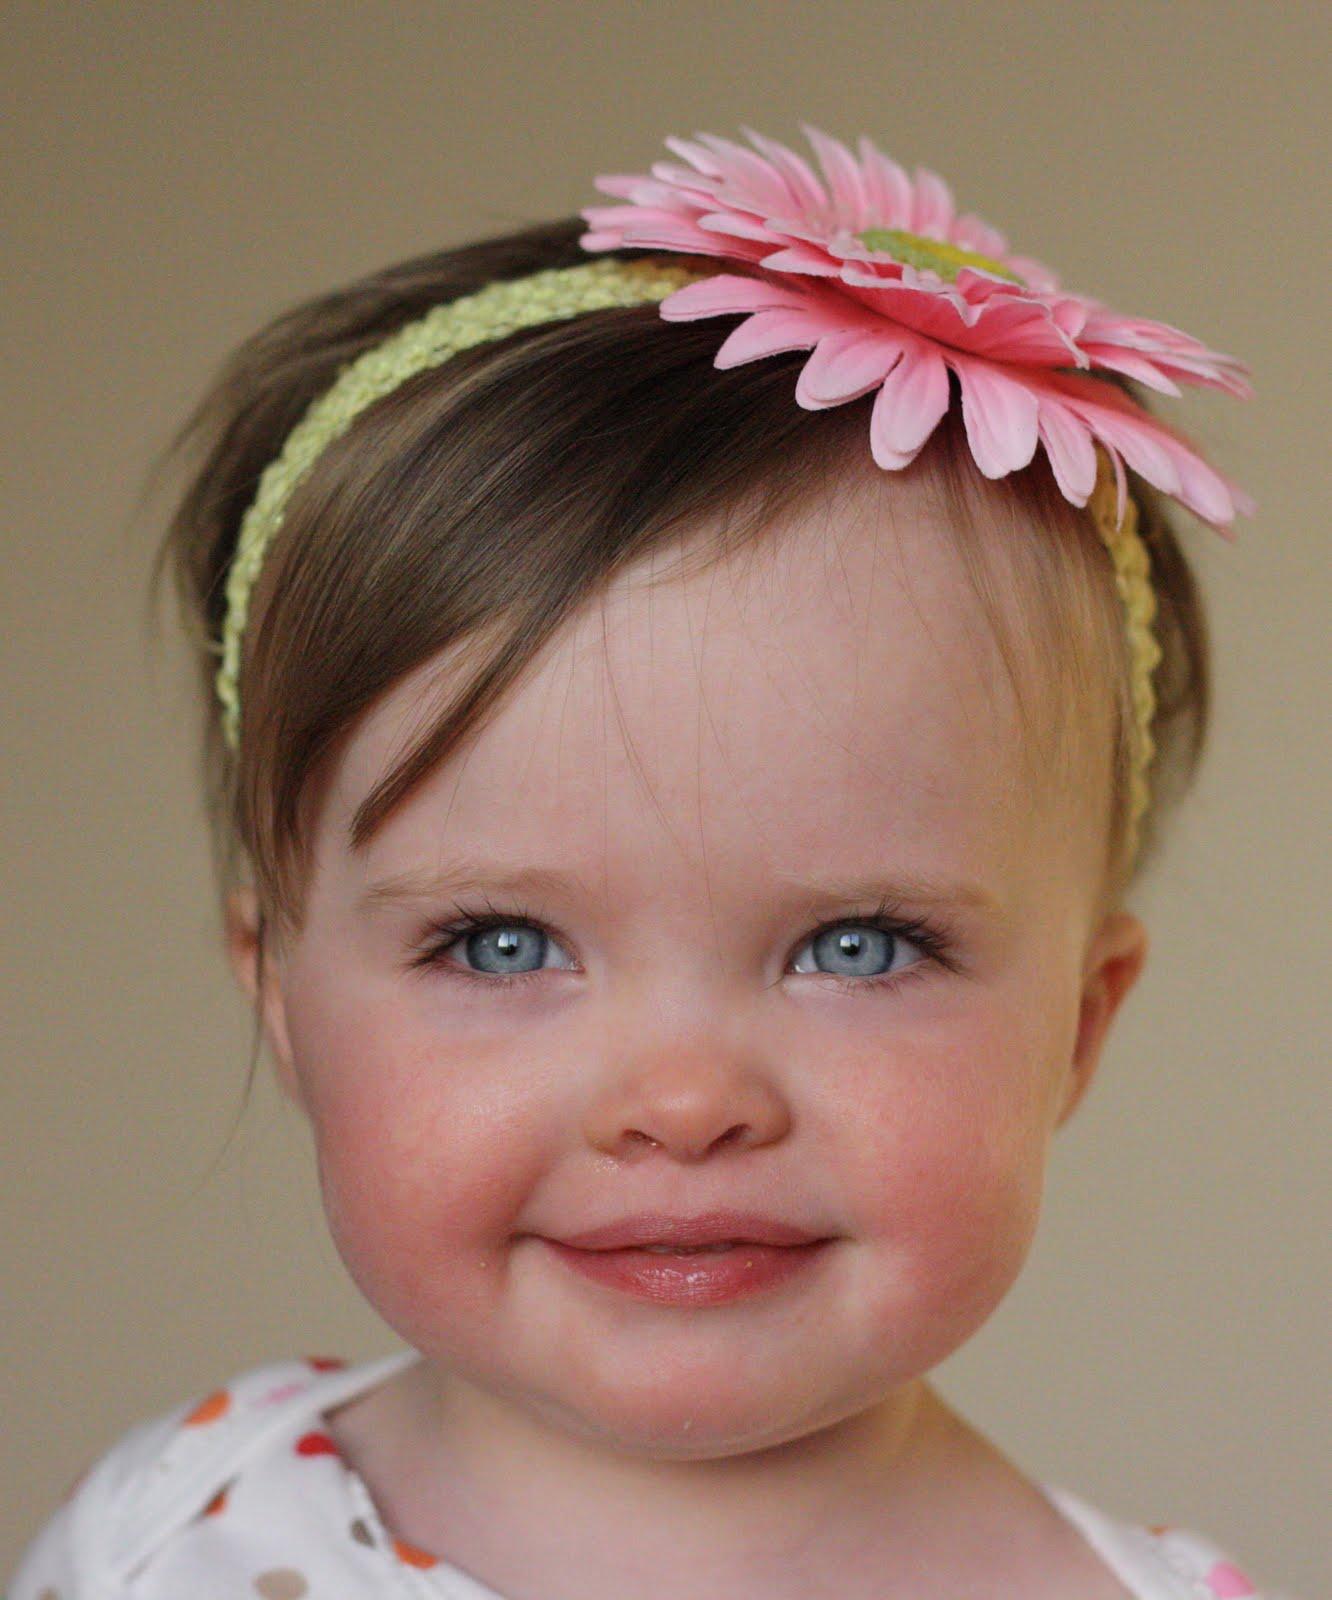 beautiful babies pictures wallpapers - wallpapersafari